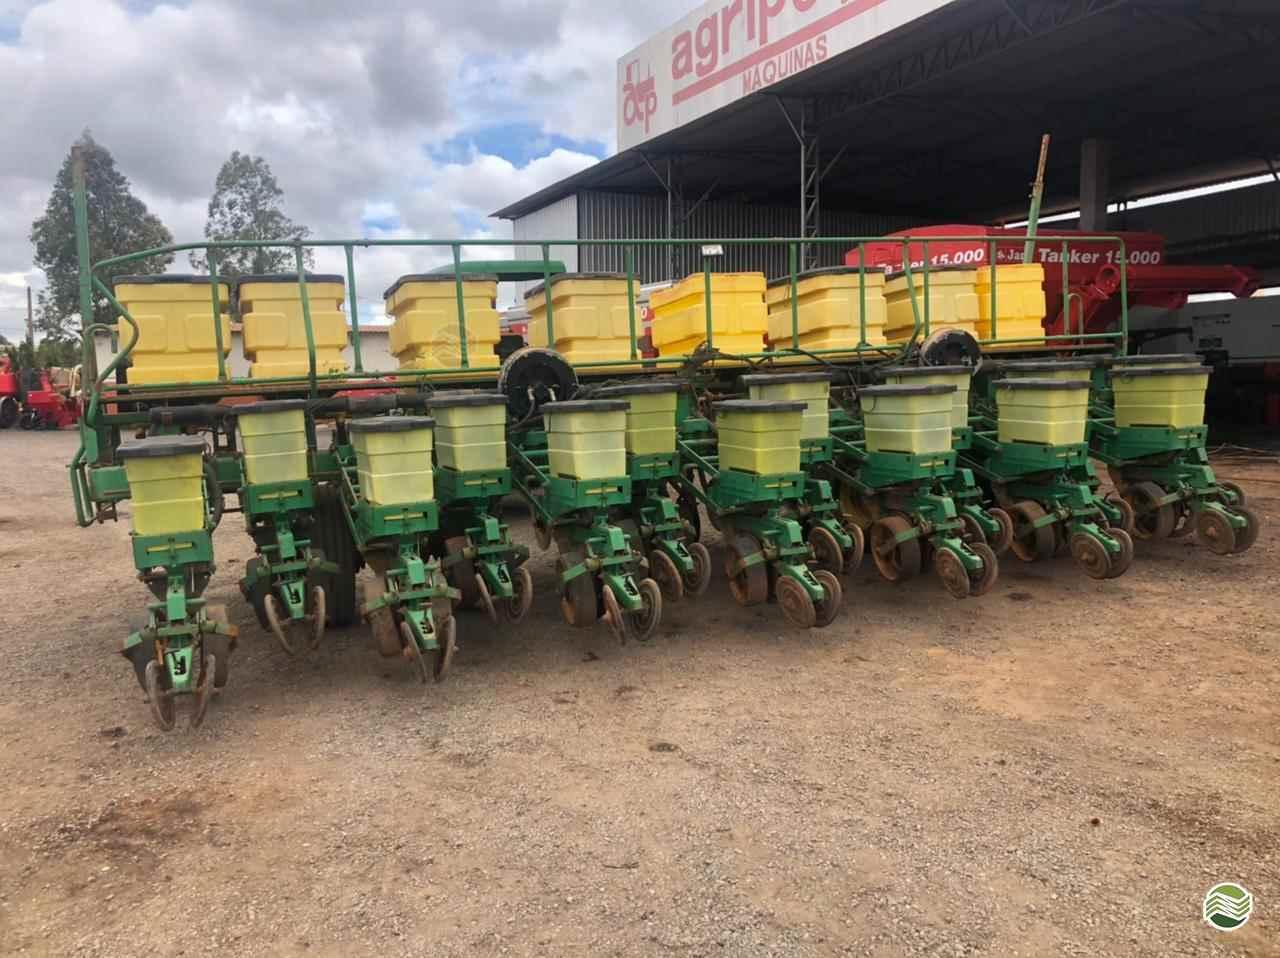 PLANTADEIRA JOHN DEERE PLANTADEIRAS 9218 Agripeças Máquinas Agrícolas - Jacto CRISTALINA GOIAS GO